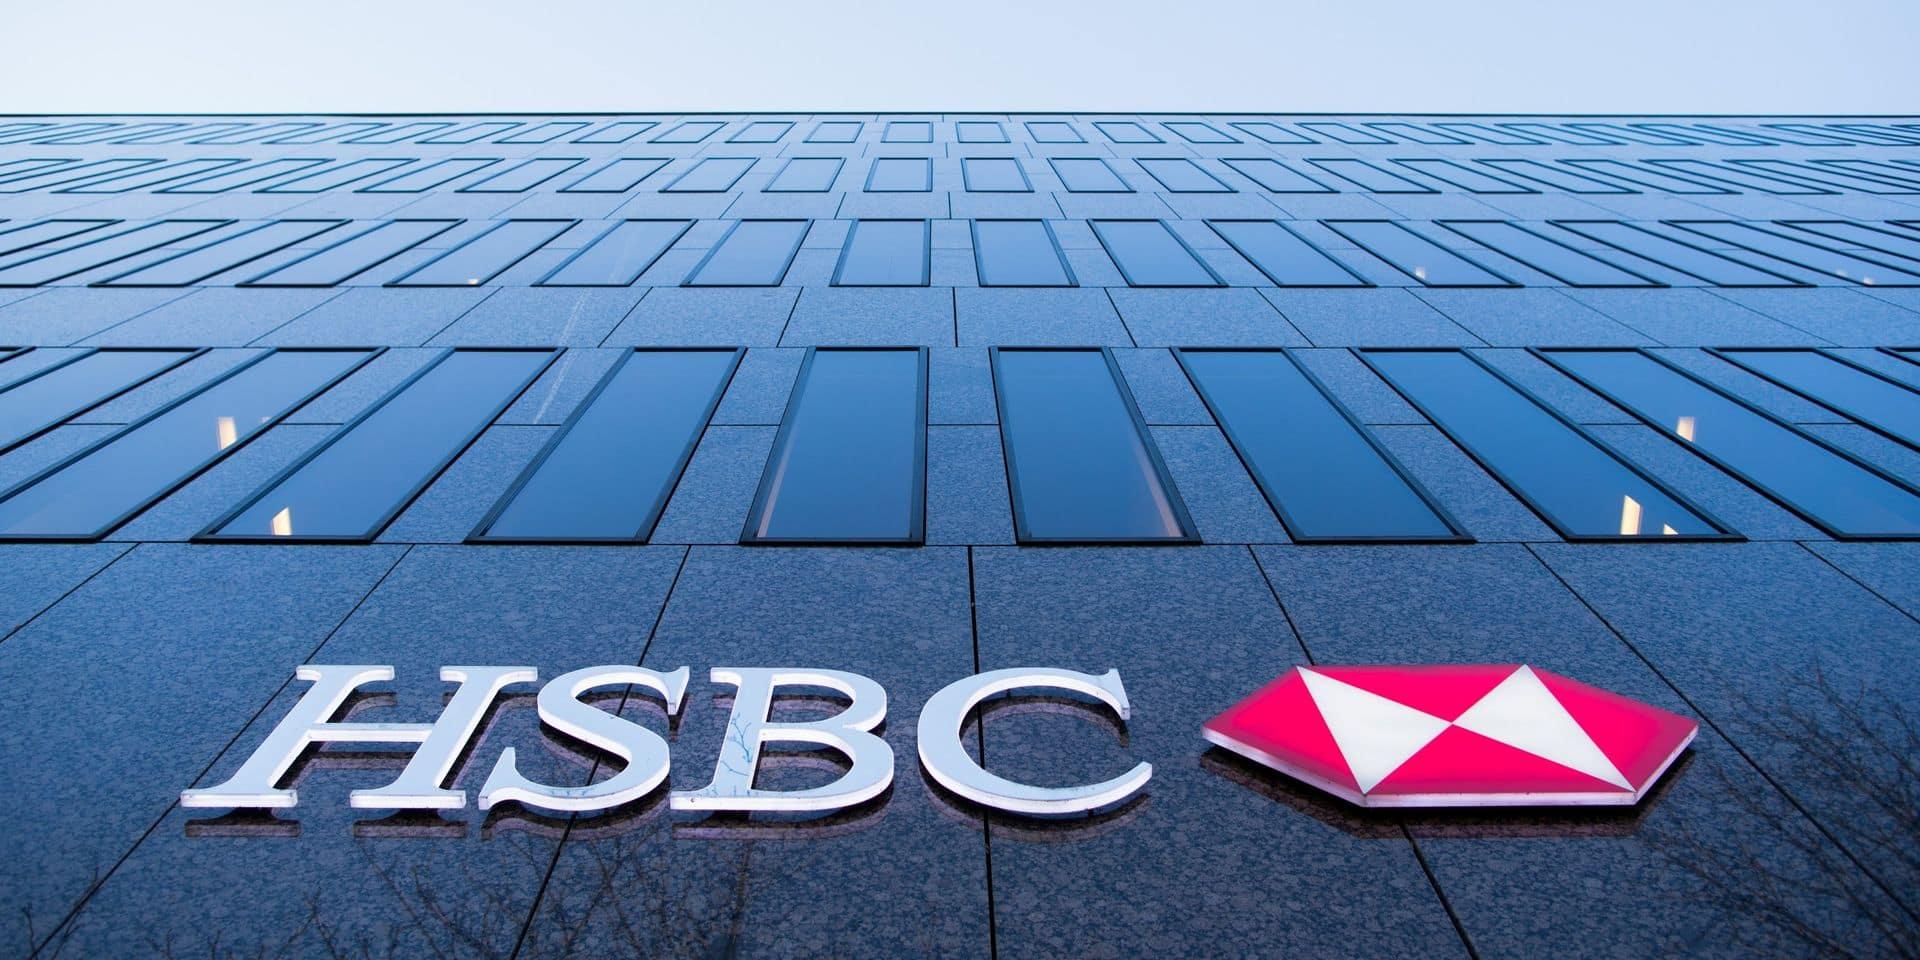 L'action HSBC au plus bas depuis 1995